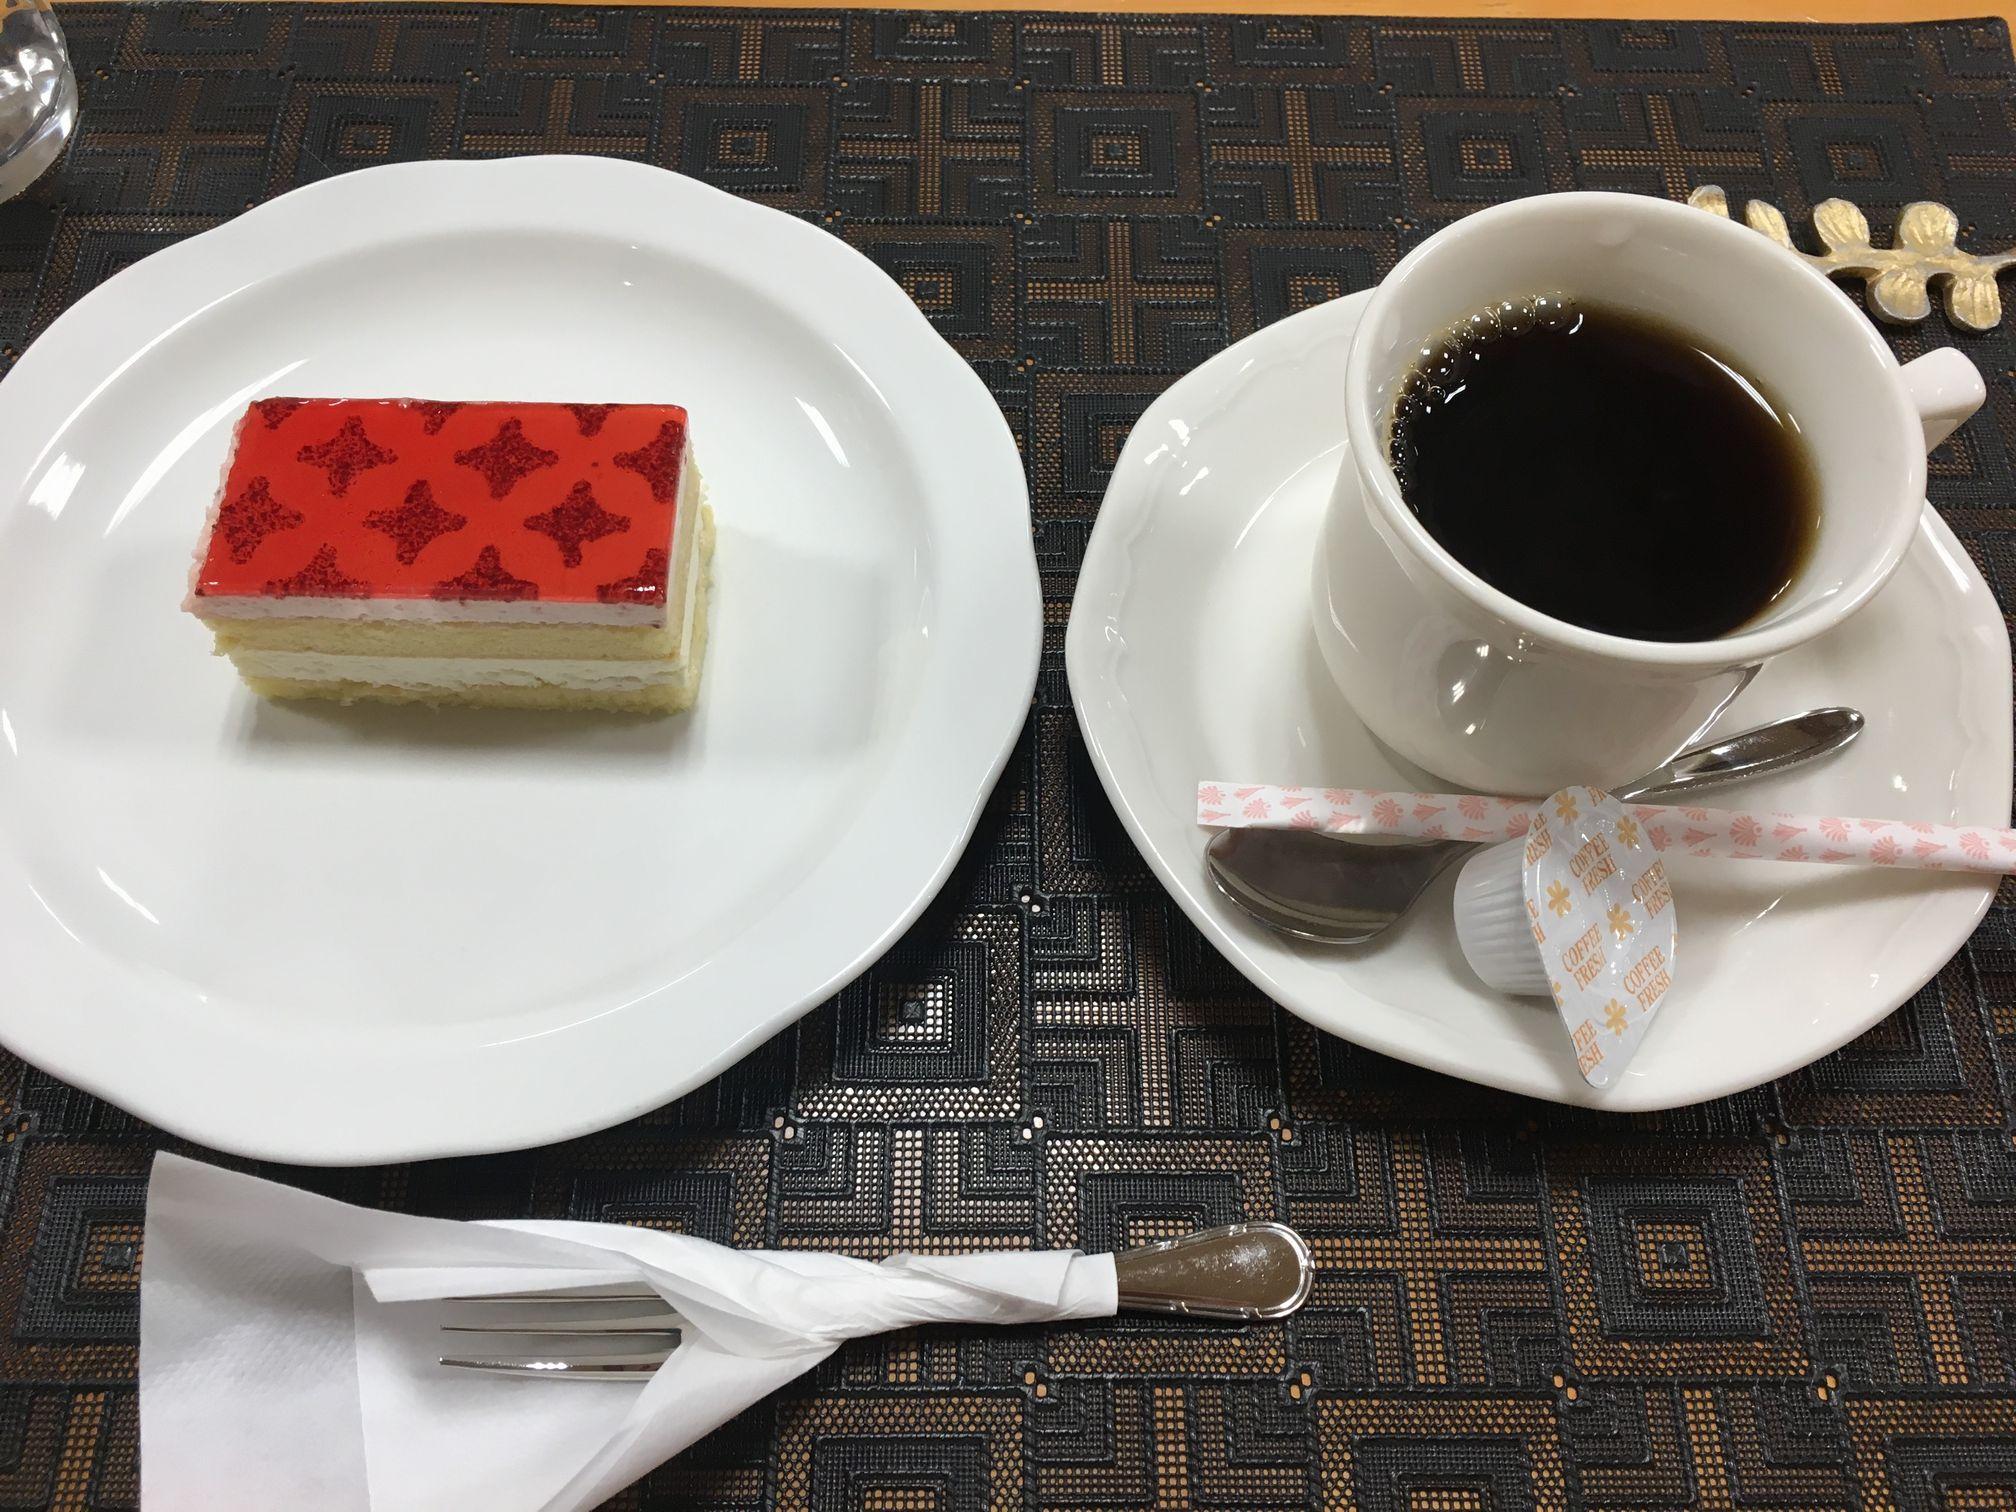 んまいもんシリーズ 2017年山梨~長野旅行編_f0128542_1282663.jpg